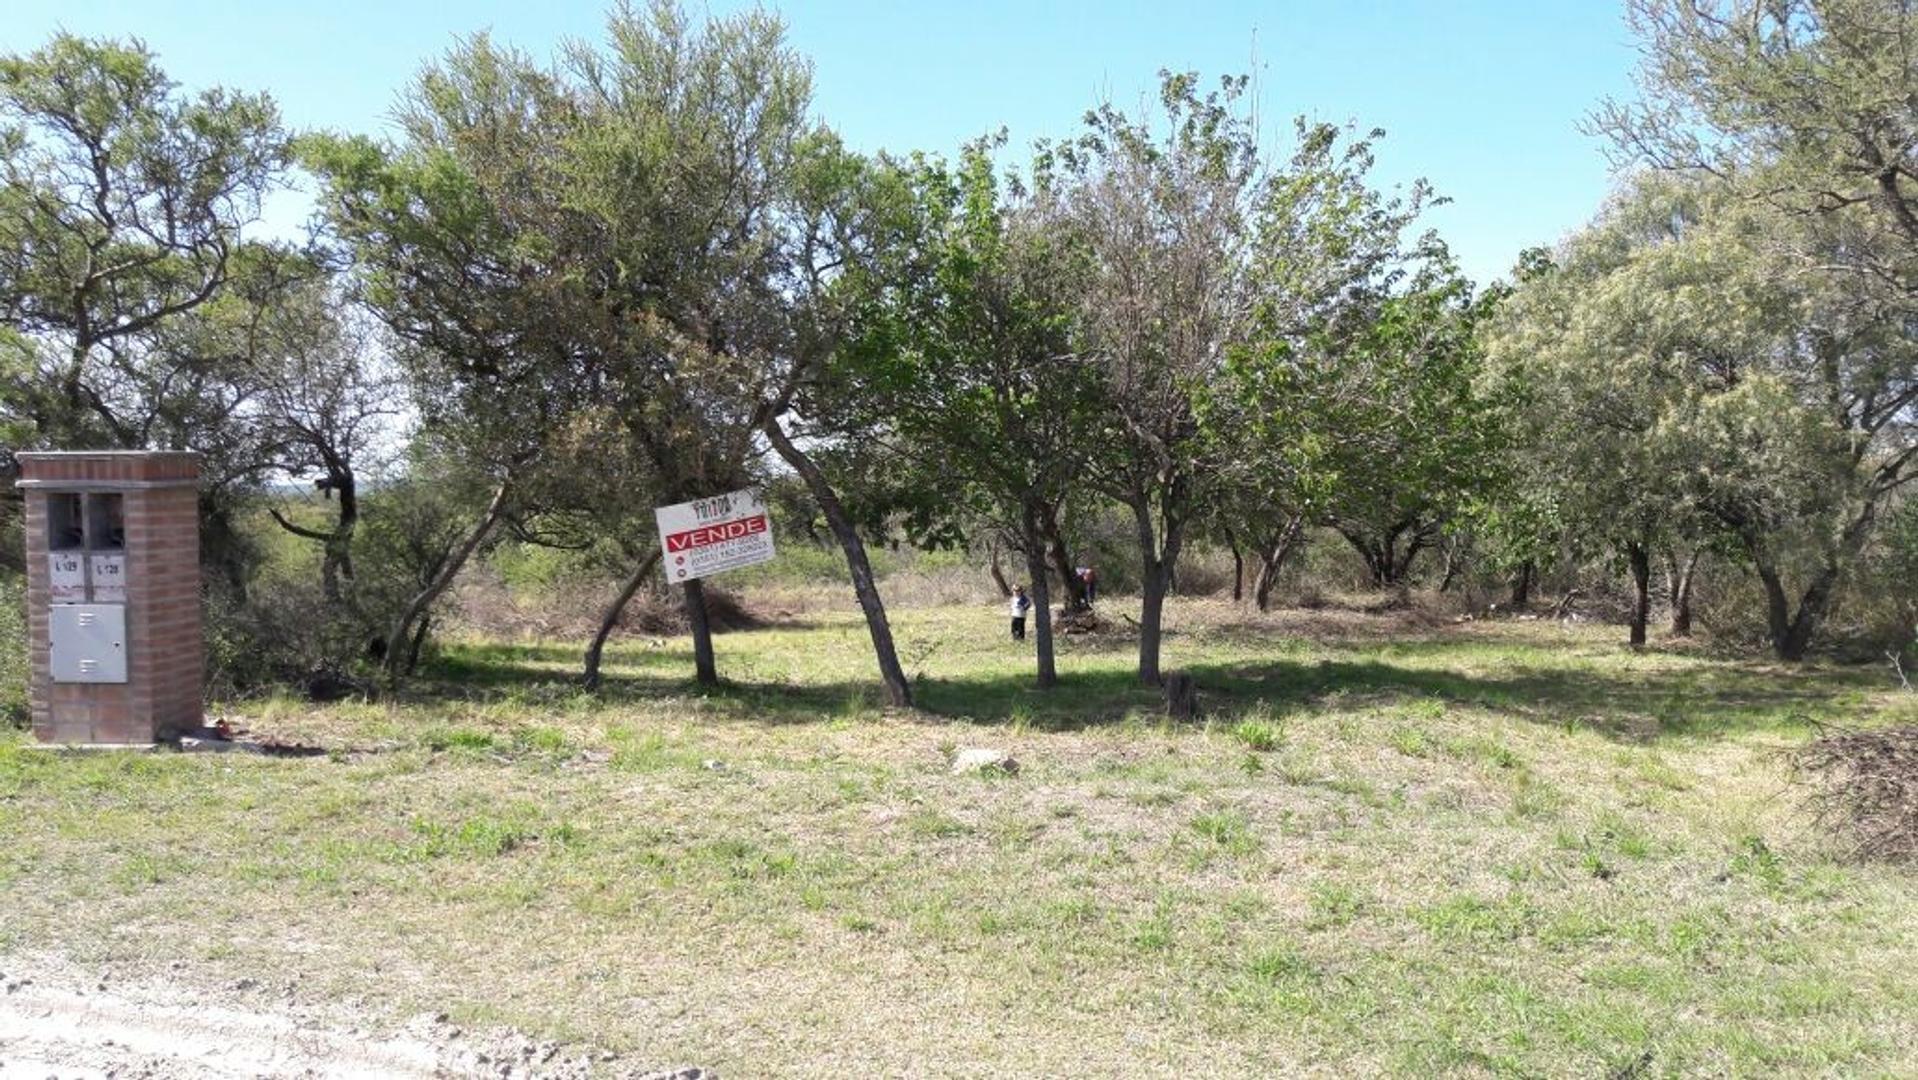 Compra tú terreno CERCA de cba, barrio CONSOLIDADO y con SERVICIOS TIERRA ALTA